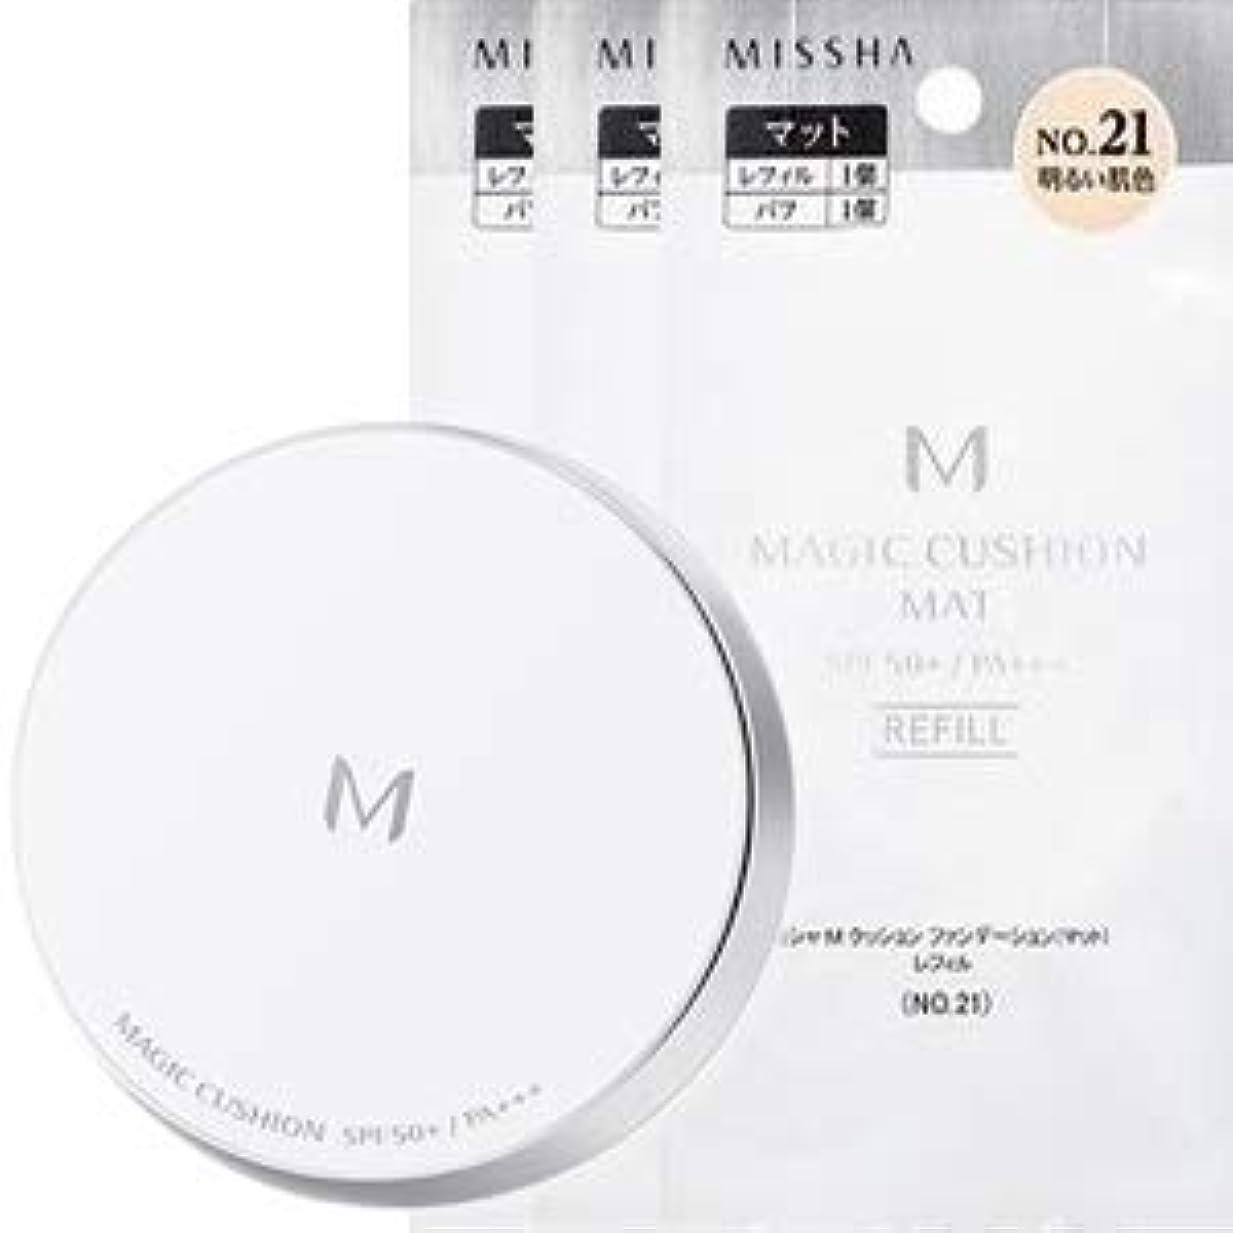 策定するポインタ禁止するミシャ M クッション ファンデーション (マット) No.21 本体 + レフィル 3点セット